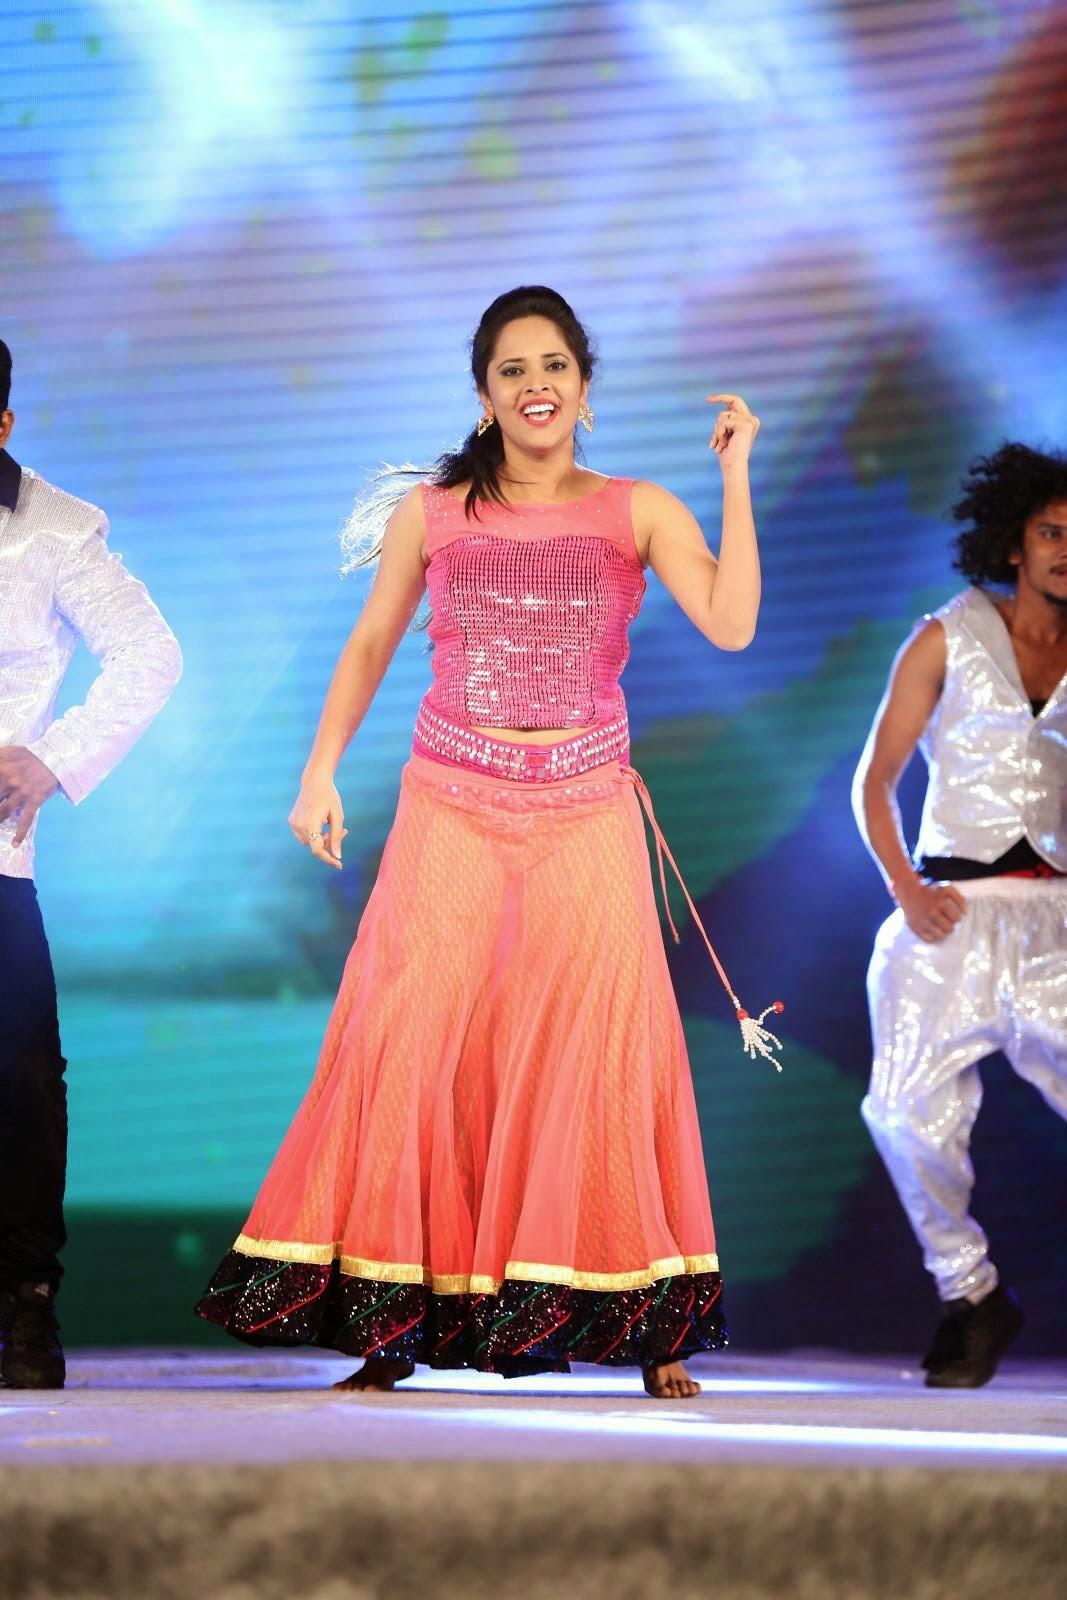 Anasuya dancing - The Times of India